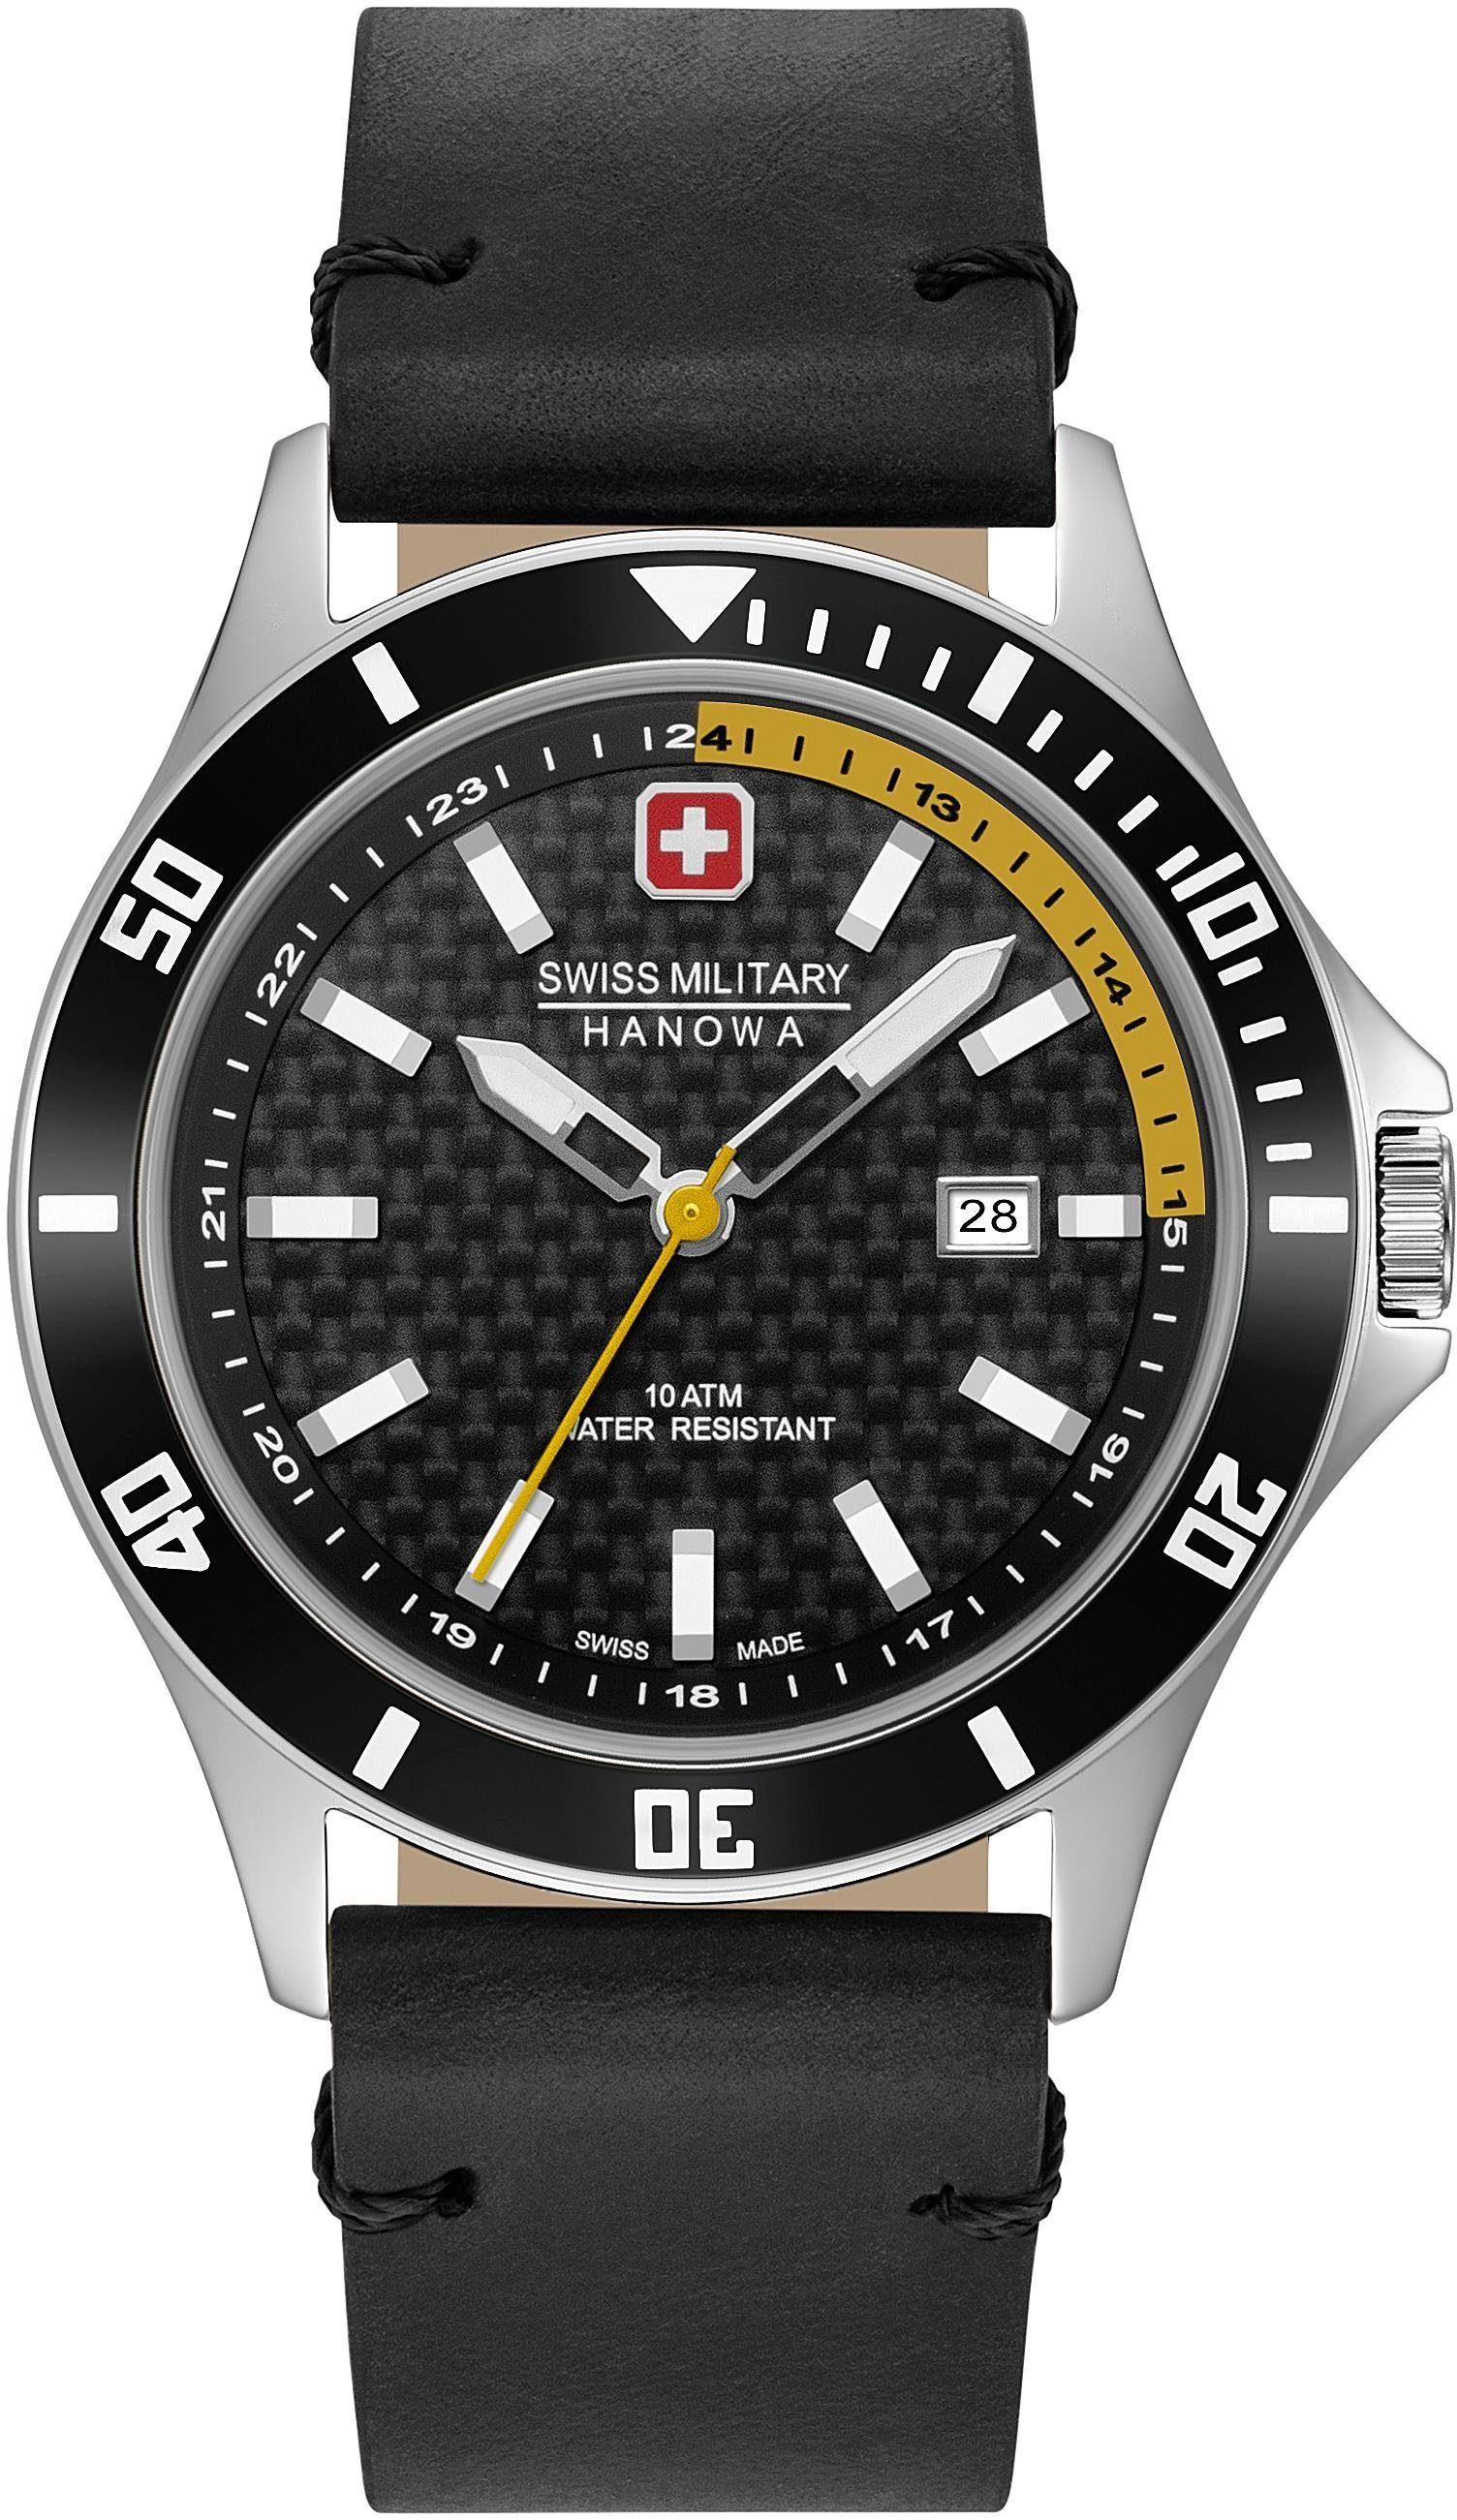 Swiss Military Hanowa Schweizer Uhr FLAGSHIP RACER 06-416120400720 | Uhren > Schweizer Uhren | Swiss Military Hanowa